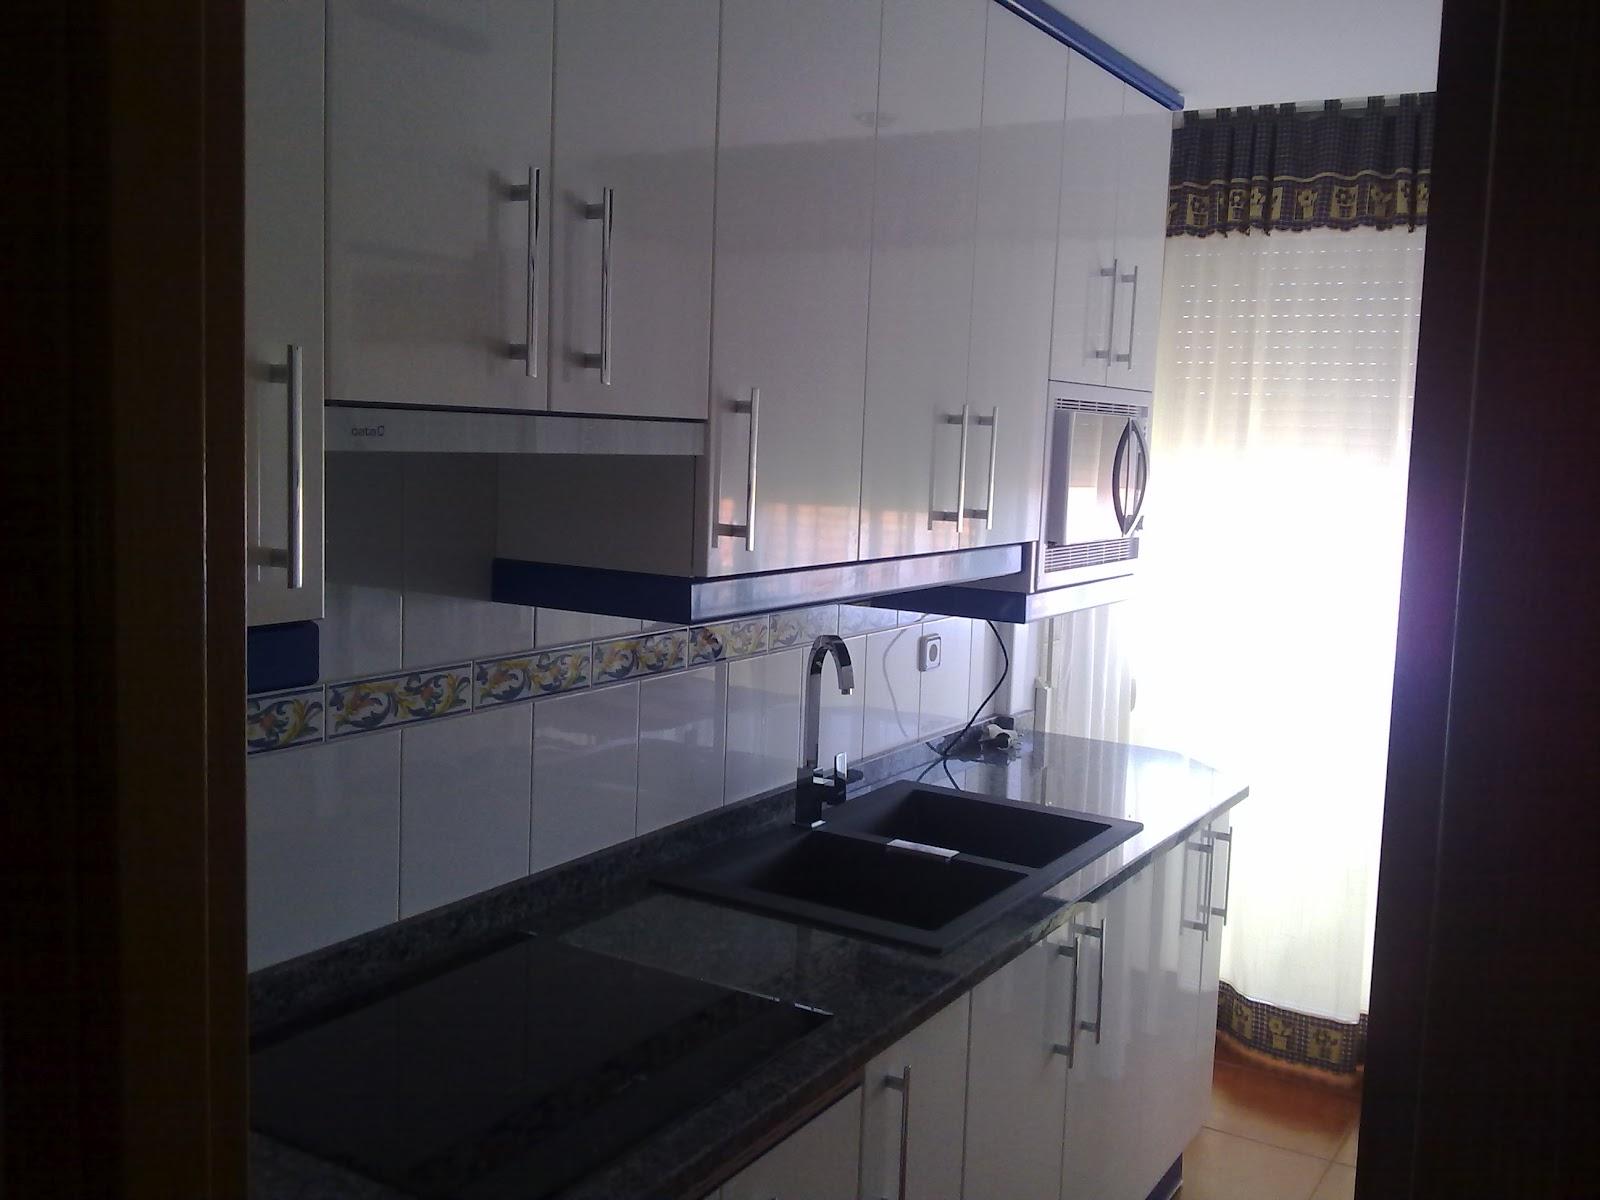 Cocinas ayz eurolar madrid laminado alto brillo blanco - Remates encimeras cocinas ...